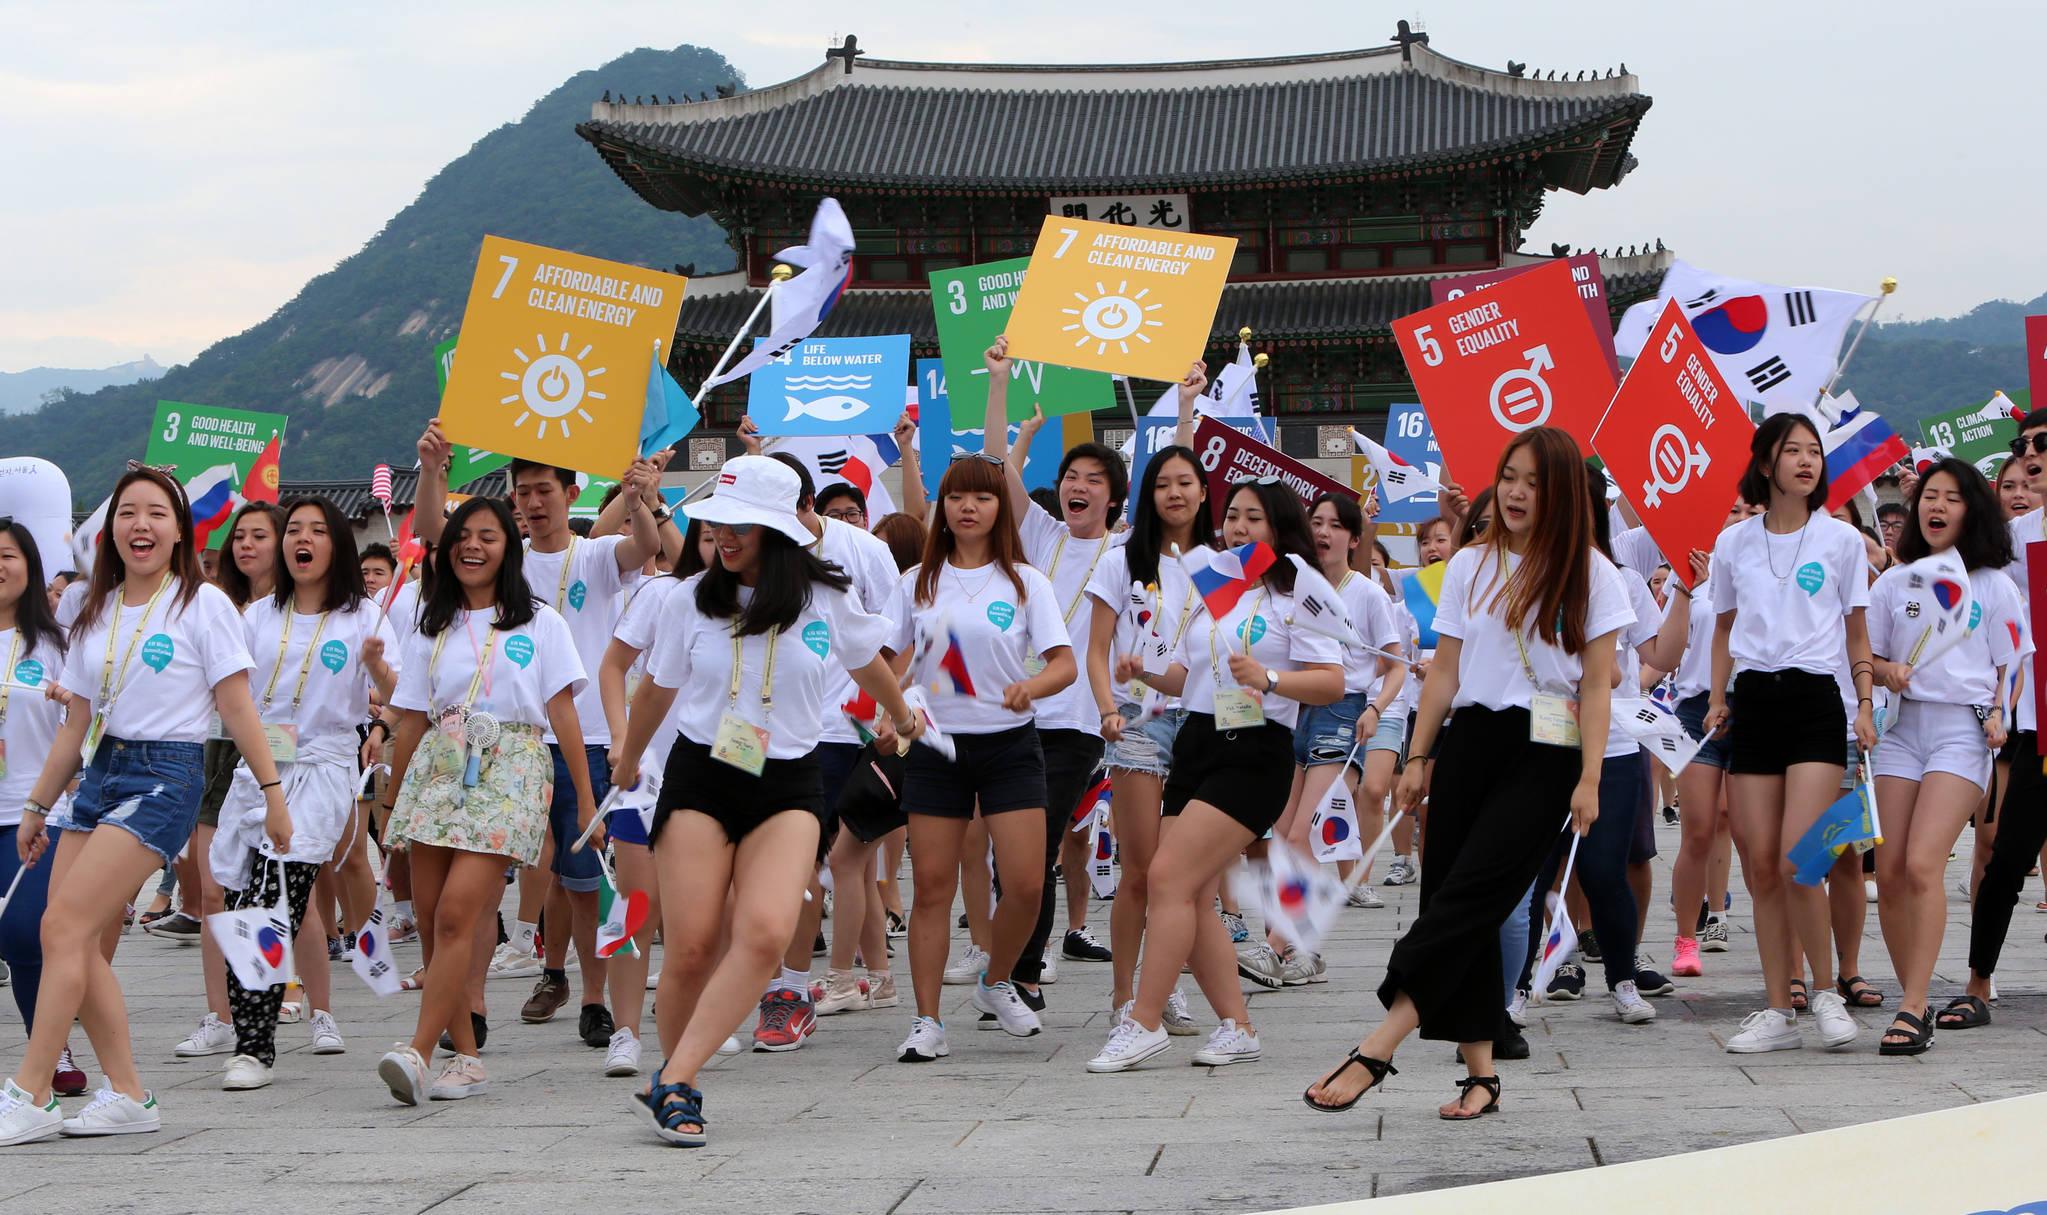 재외동포재단이 주최한 모국연수에 참가하고 있는 전 세계 21개국 160여 명의 재외동포 대학생들이 6일 오후 1시 서울 광화문 북측광장에 모여 인도주의 실천을 촉구하는 아리랑 플래시몹을 펼치고 있다. 조문규 기자